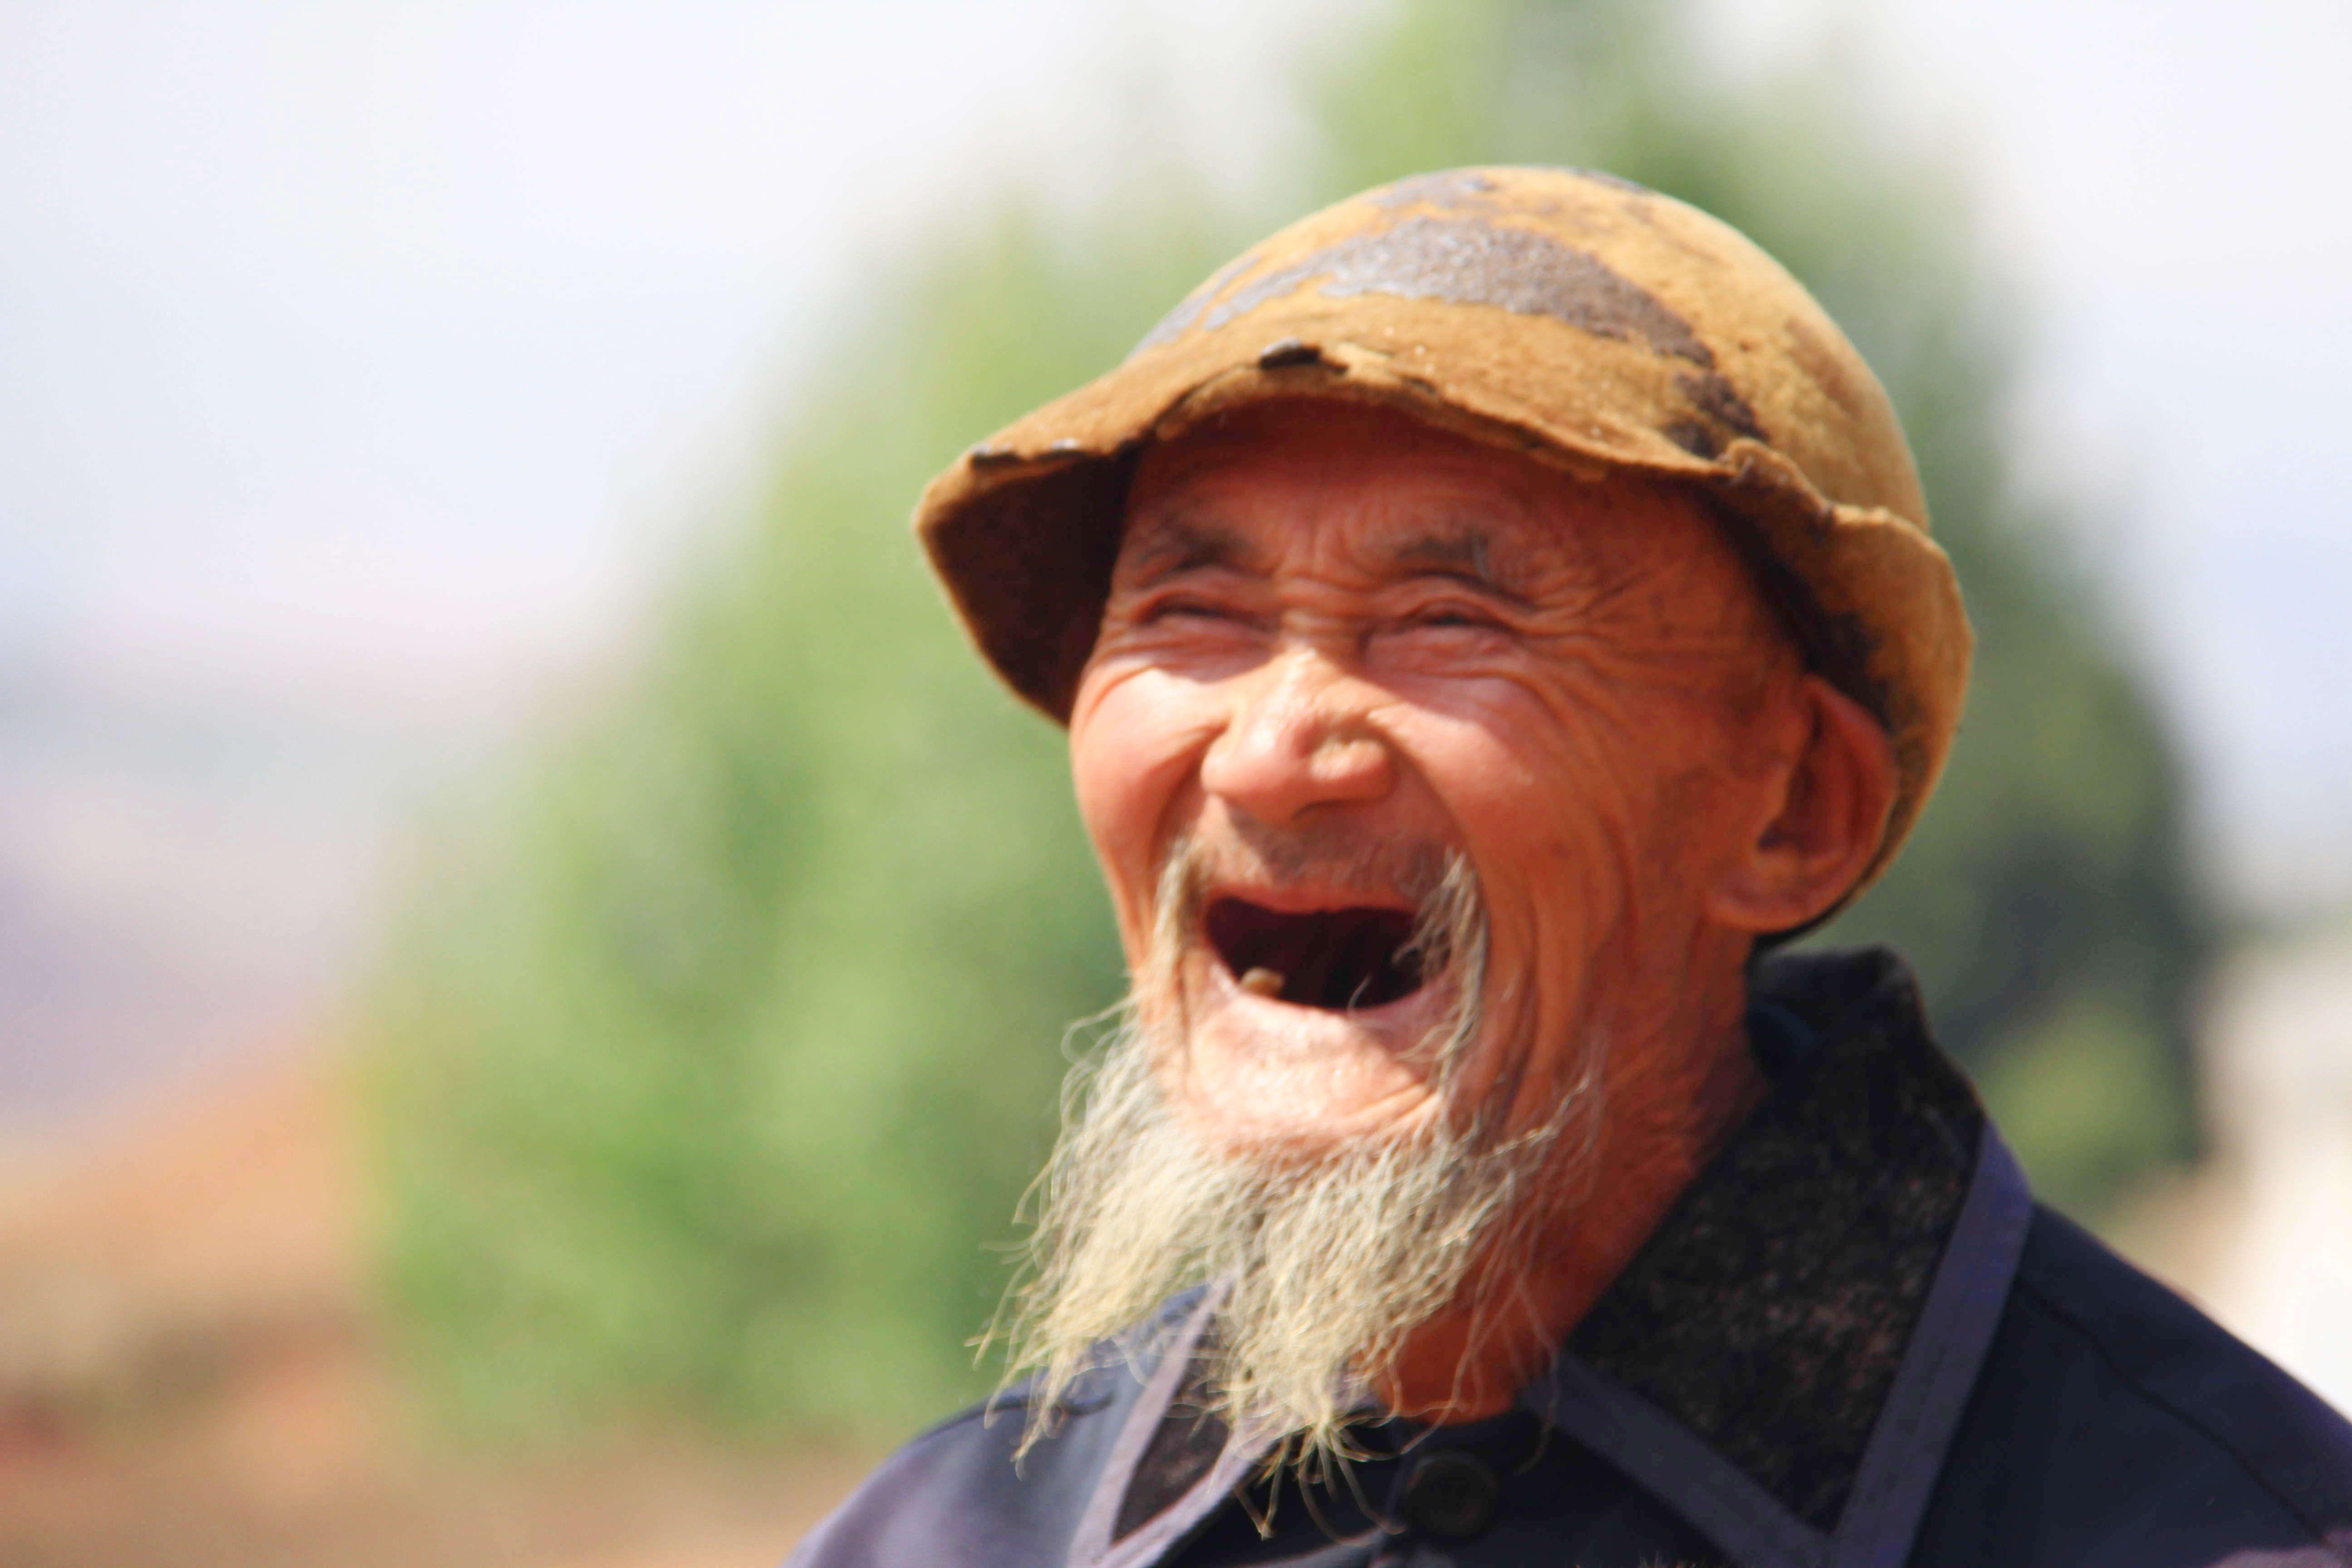 2020年山东居民人均预期寿命将达79岁左右